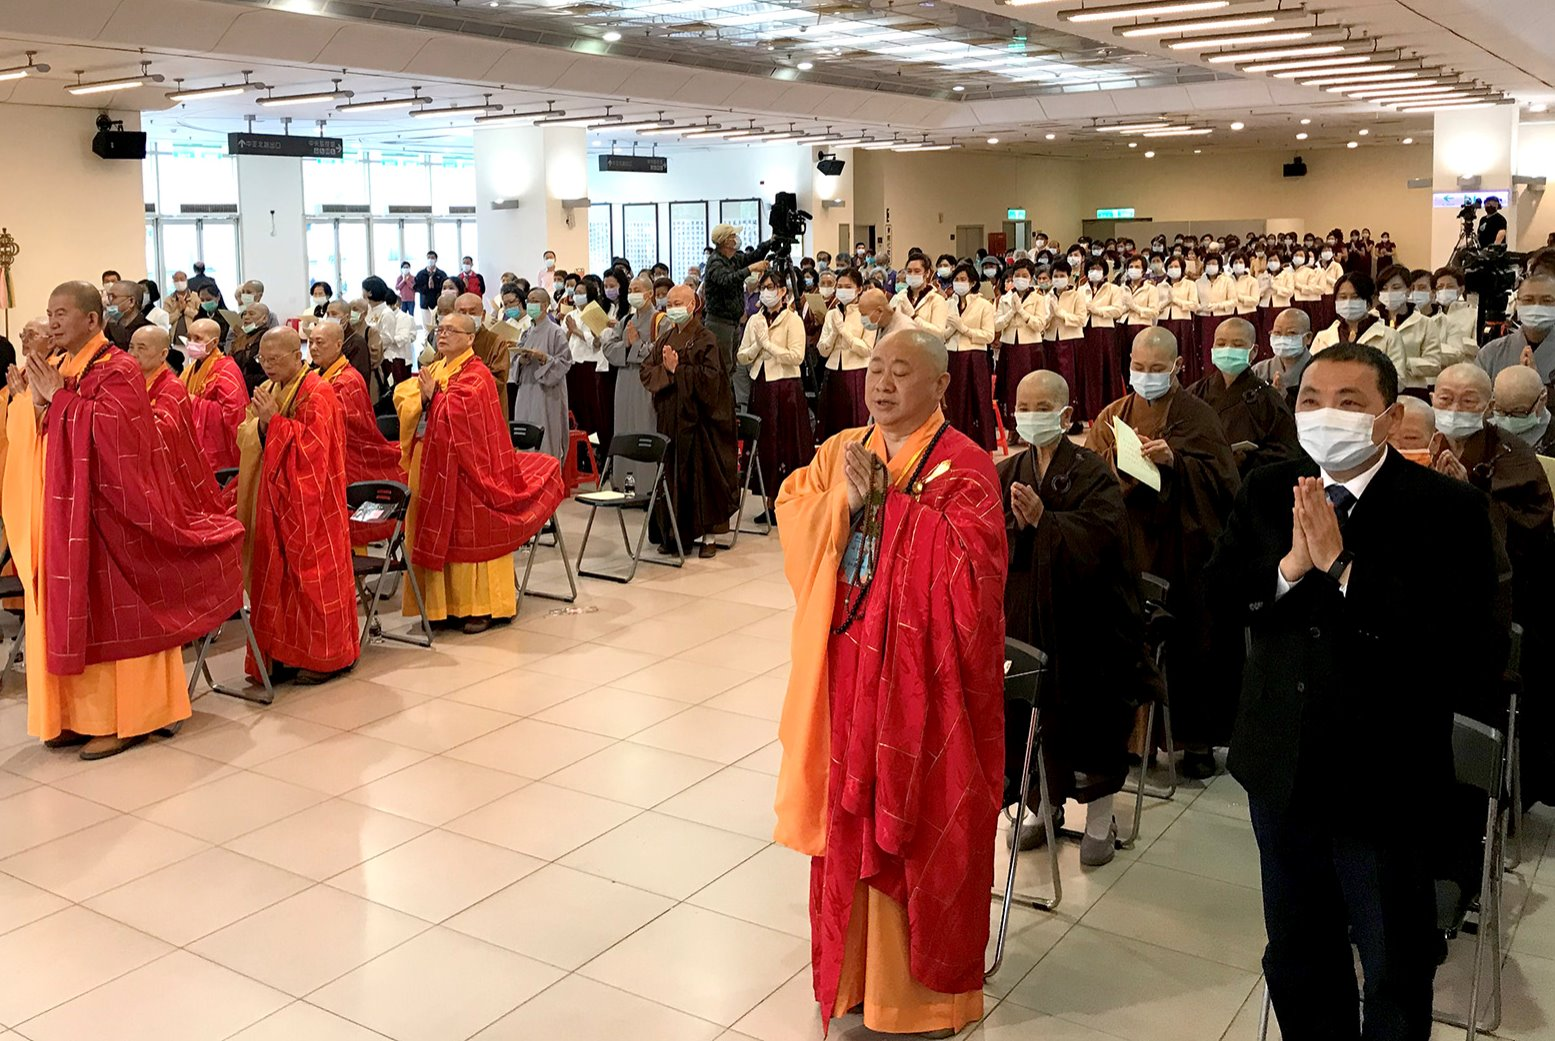 新北市佛教會舉辦「浴佛節慶典大會」